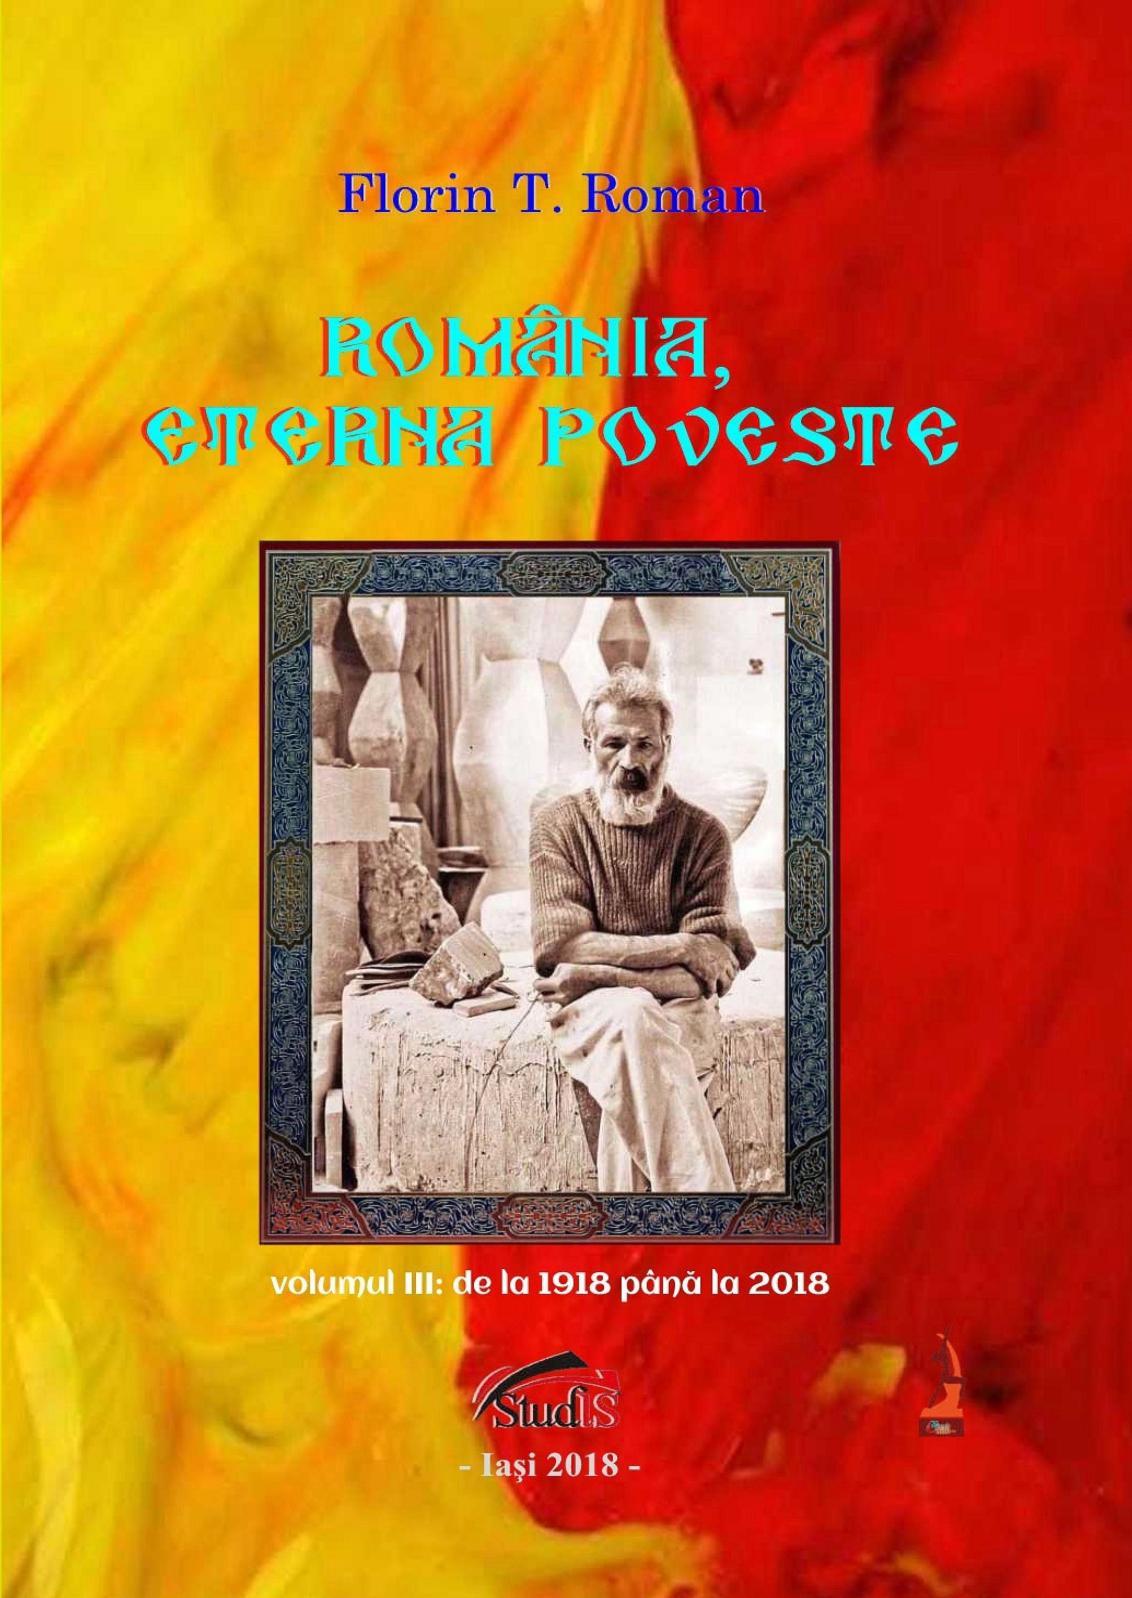 un bărbat din Slatina care cauta femei căsătorite din Drobeta Turnu Severin)